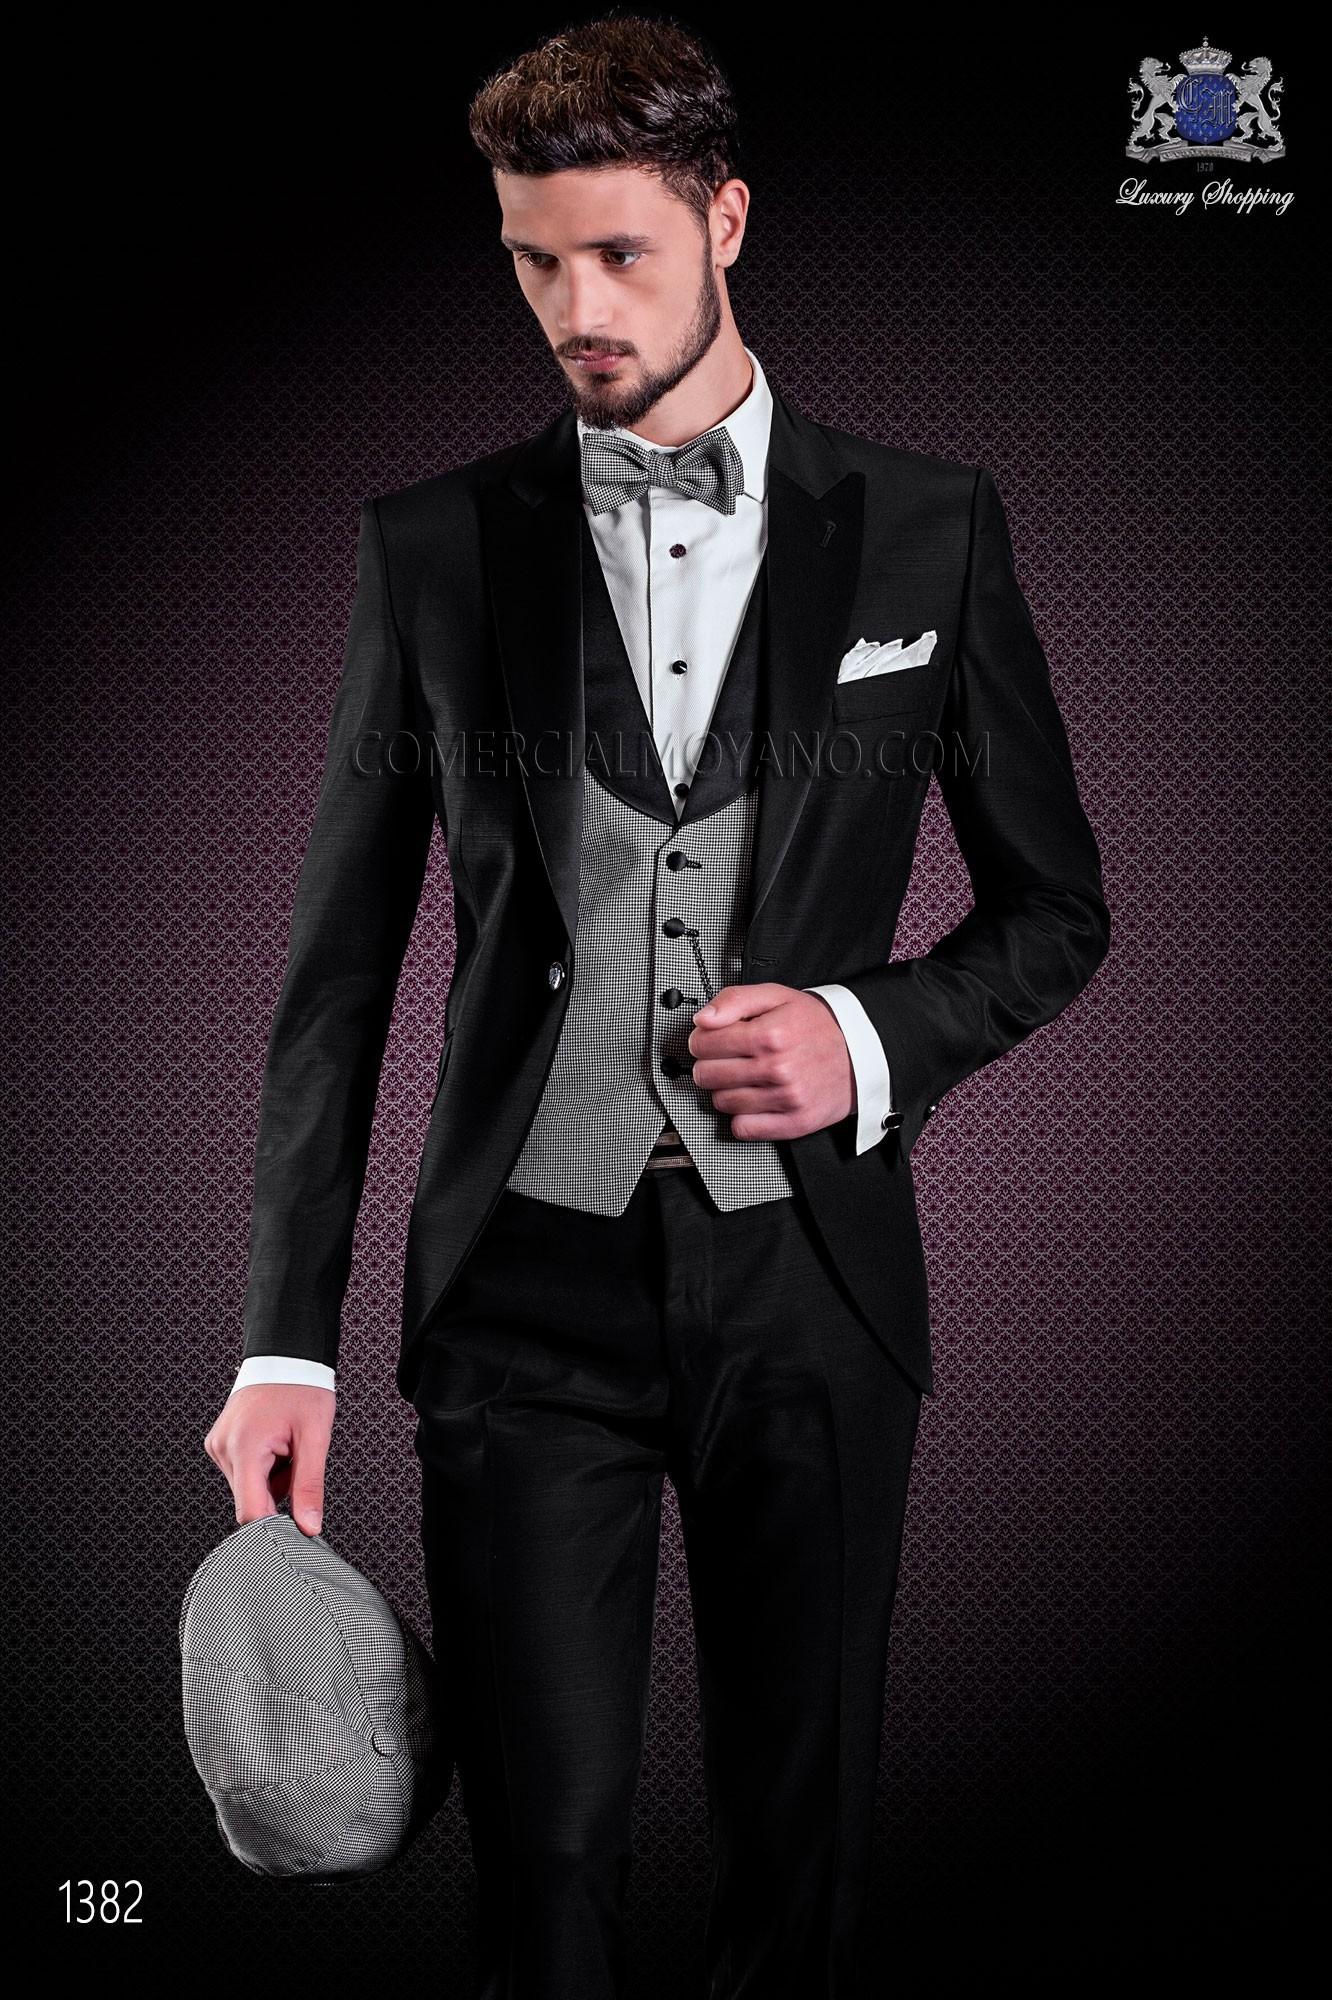 italienischer hochzeitsanzug aus acetat wolle schwarz on gala. Black Bedroom Furniture Sets. Home Design Ideas